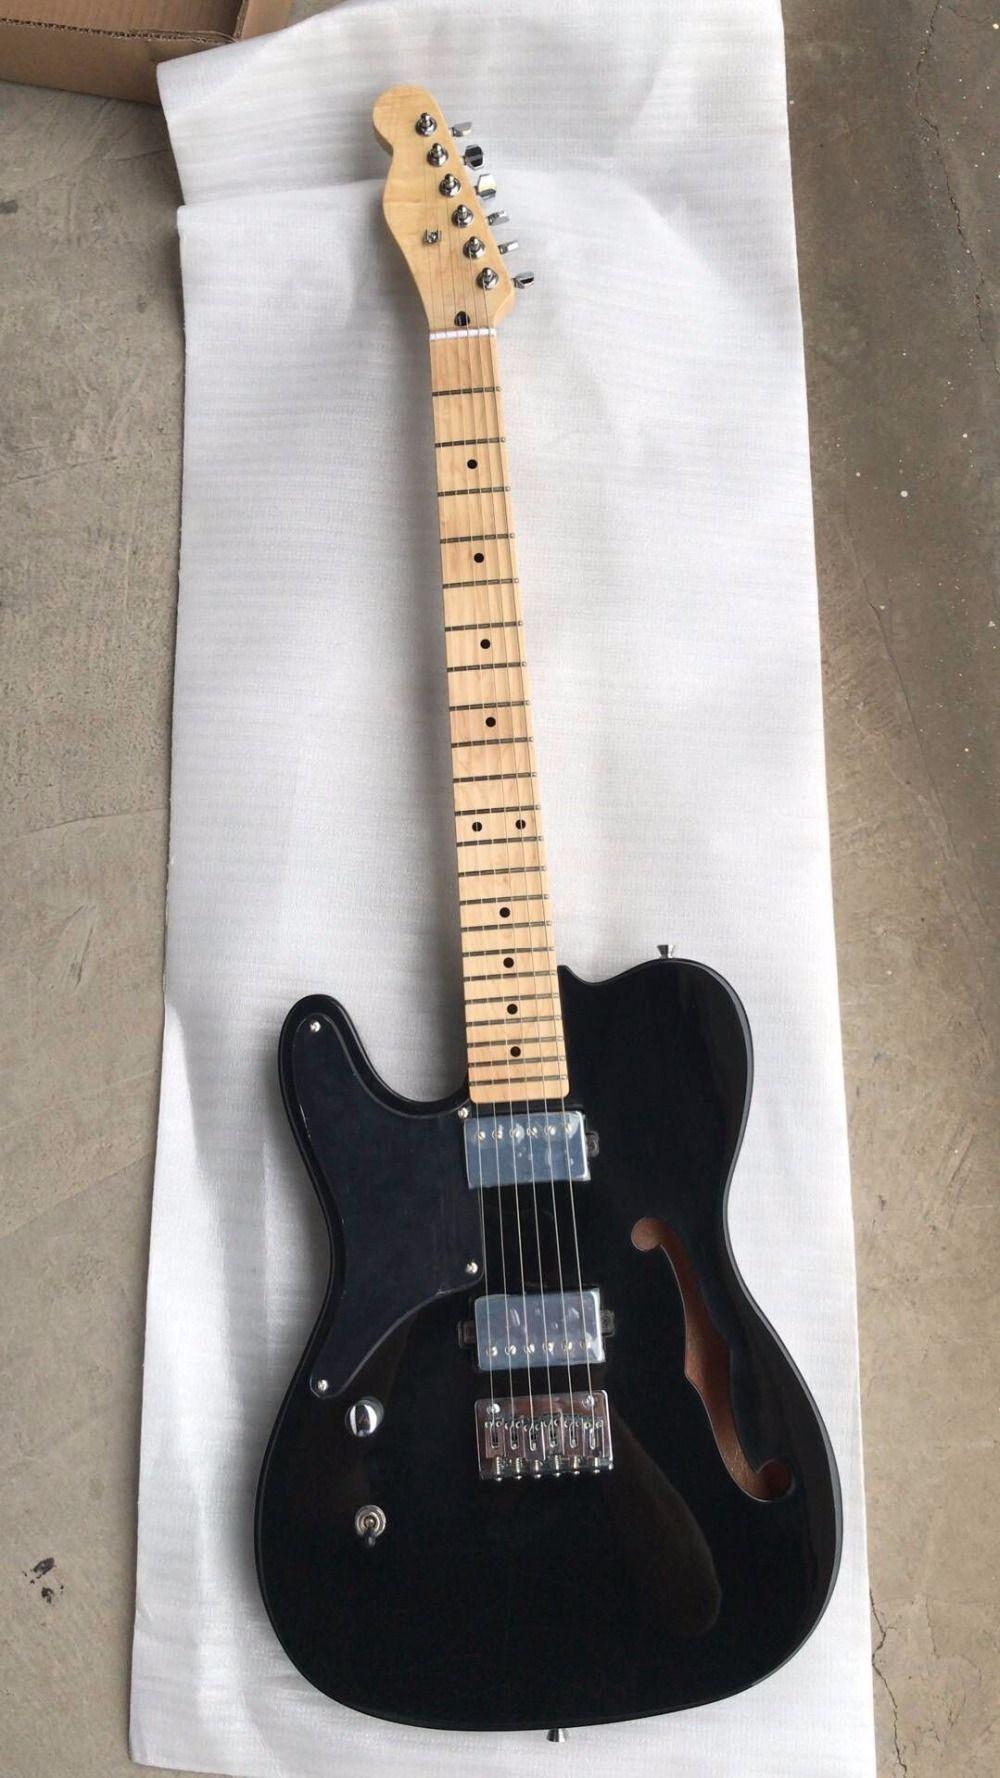 Frete grátis ! Atacado New Tel Guitarra Elétrica Humbucker Pickups Mogno Maple Neck Esquerda Entregue Em Preto 180620